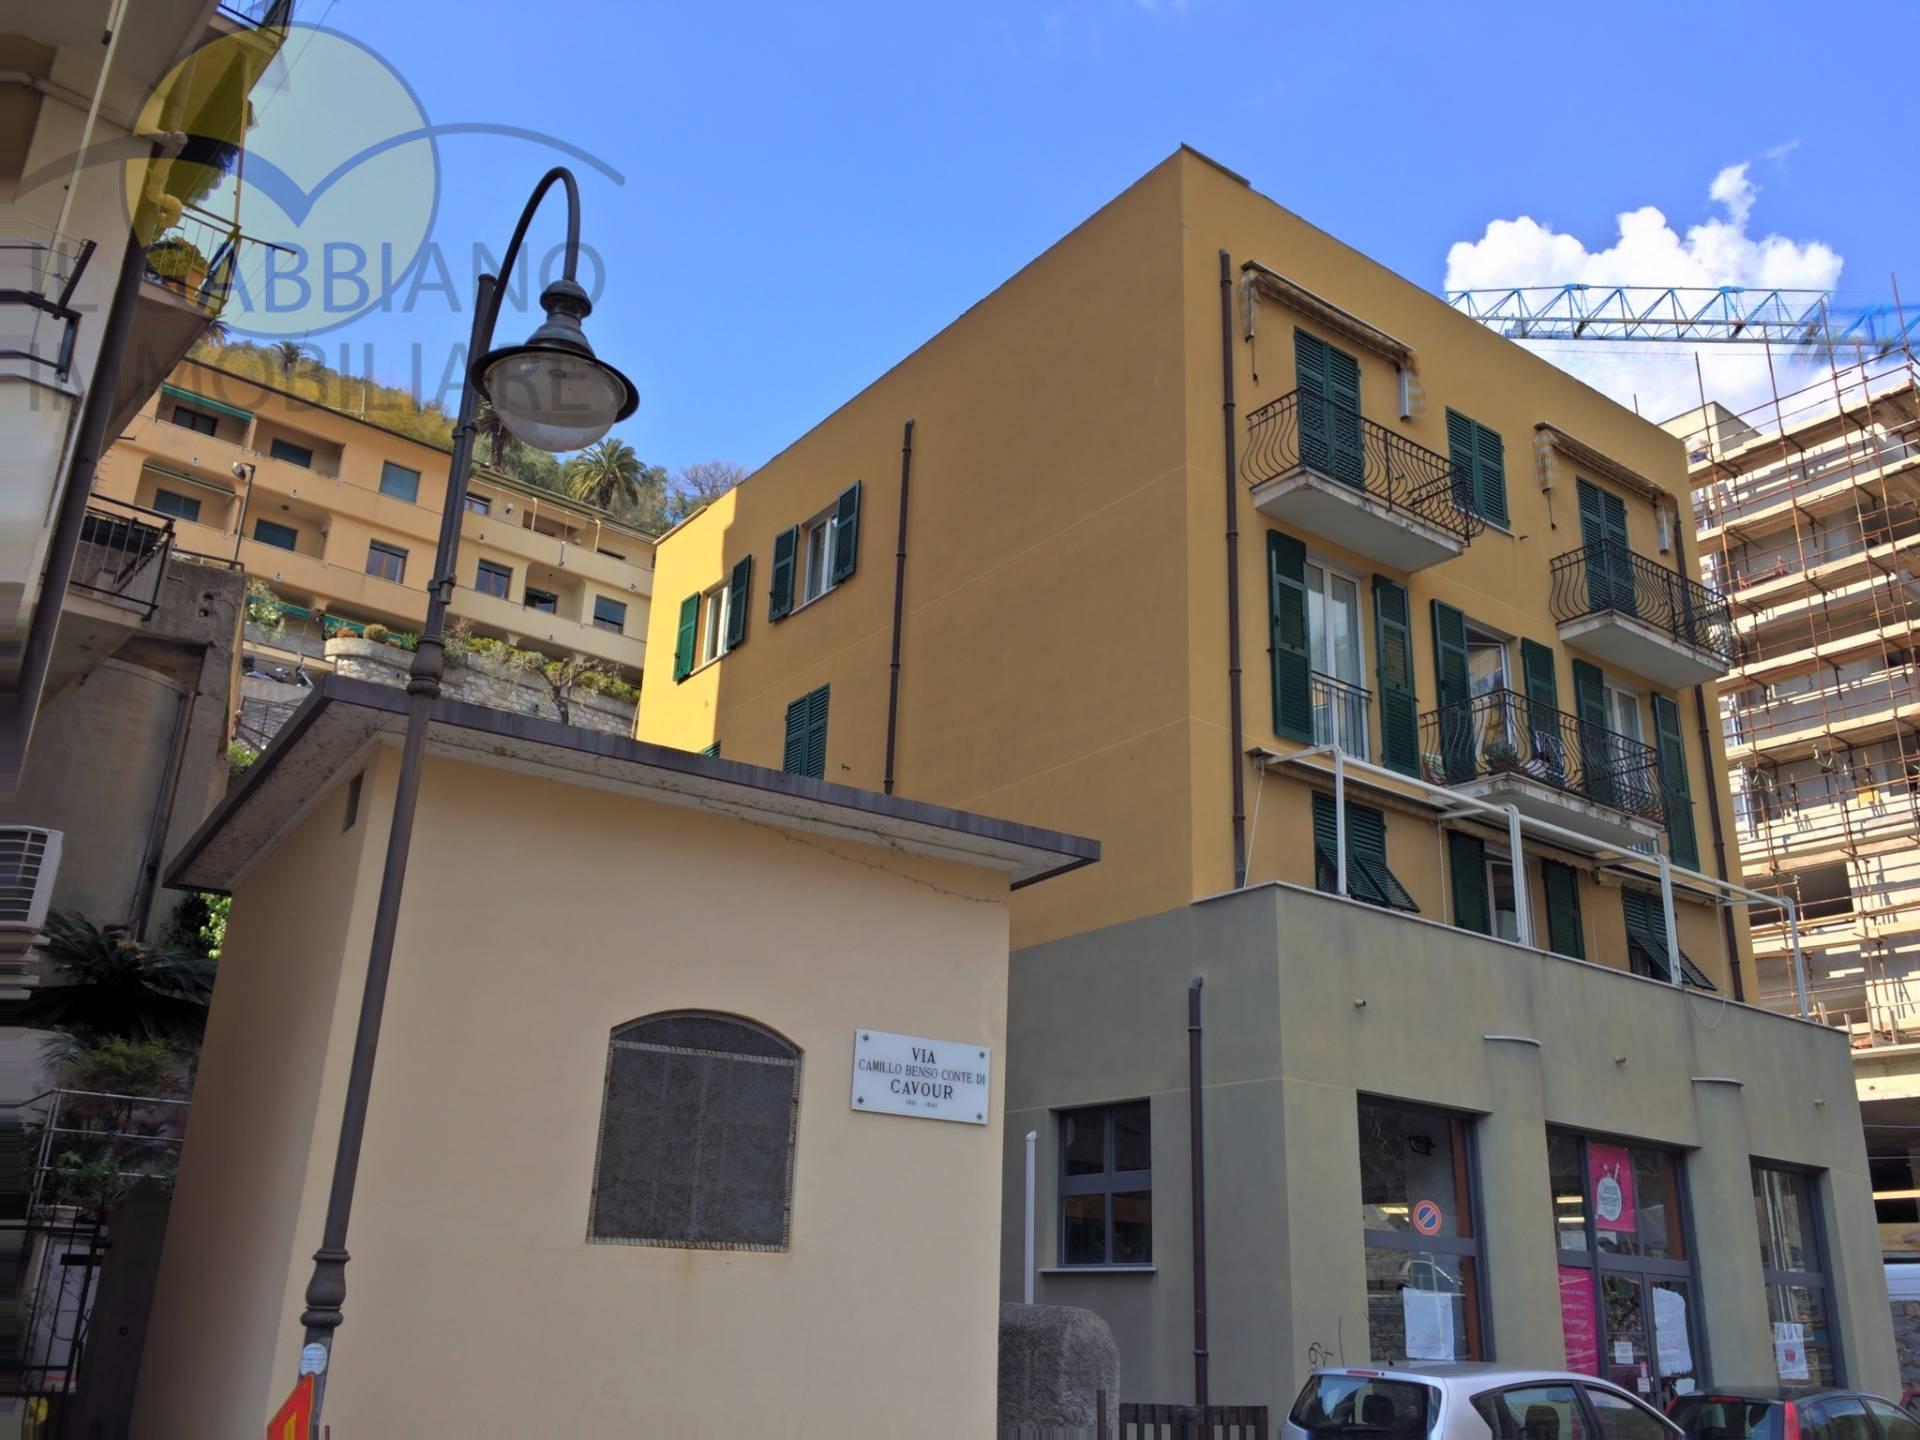 Appartamento in vendita a Bogliasco, 4 locali, prezzo € 156.000 | CambioCasa.it